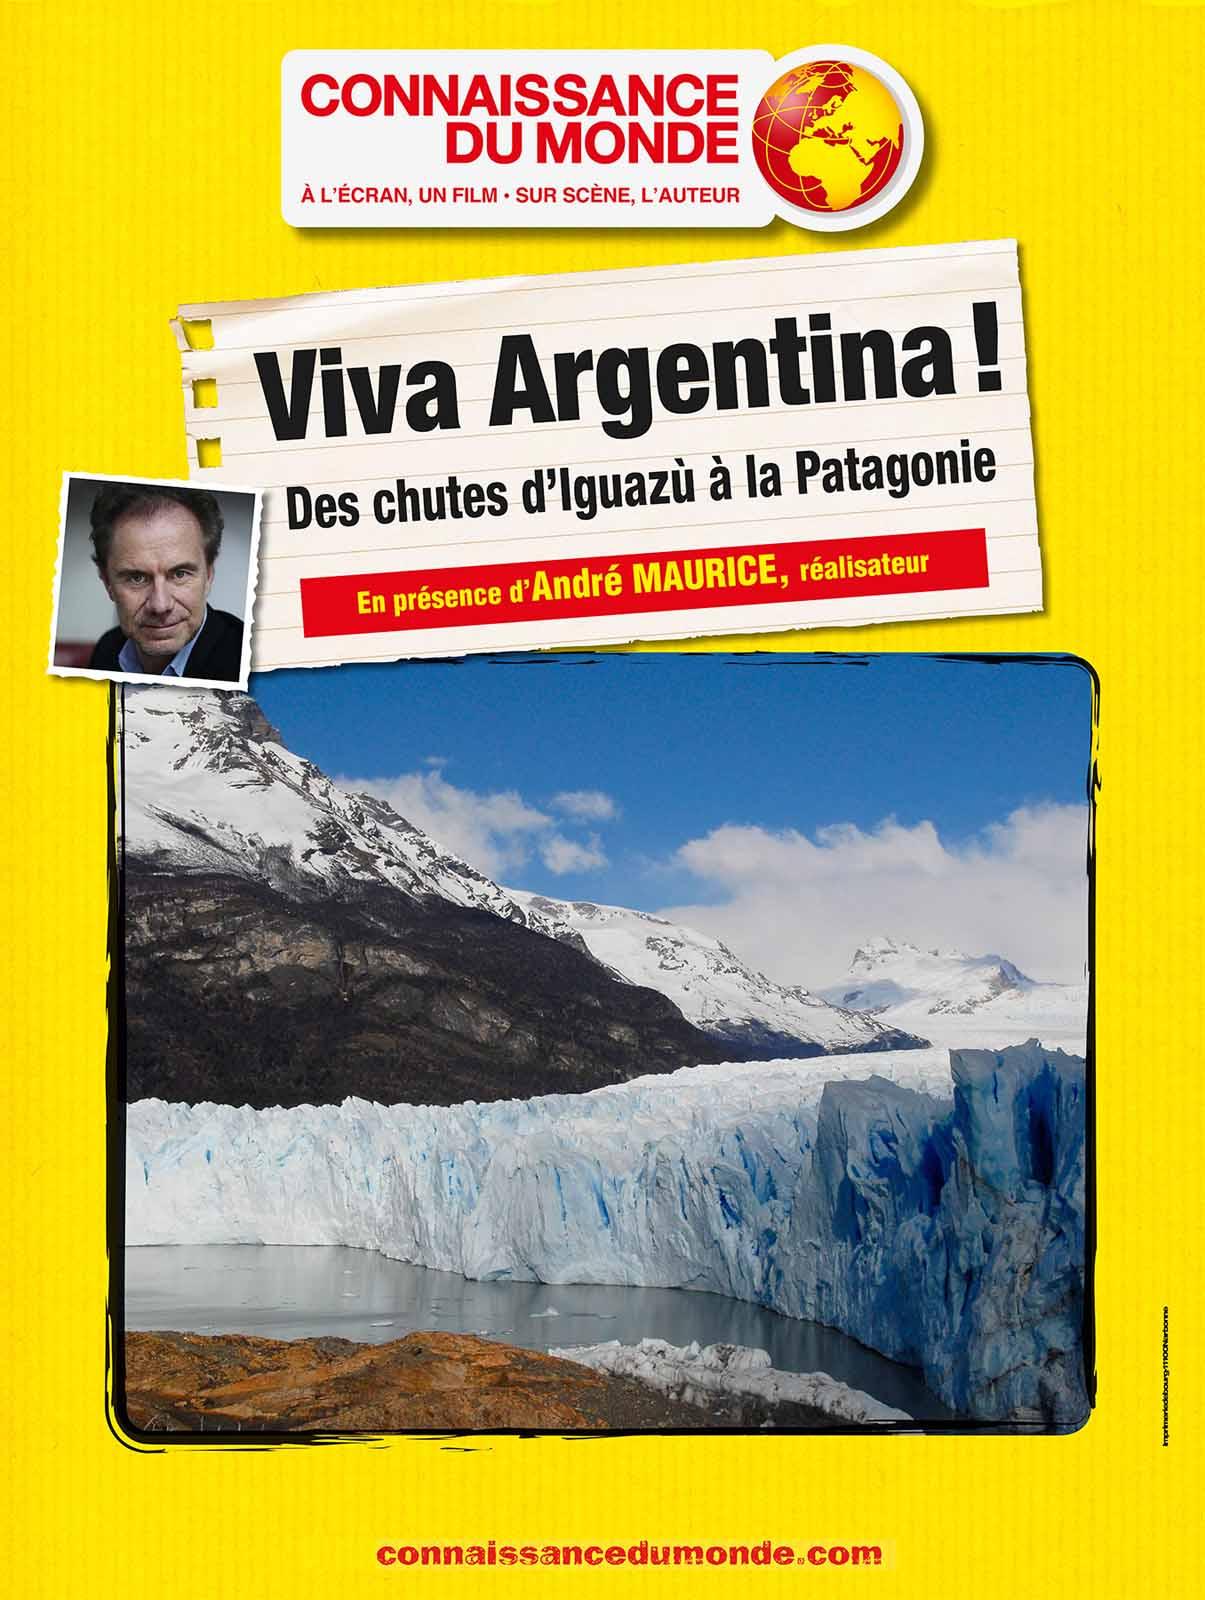 Viva Argentina! Des chutes d'Iguazù à la Patagonie